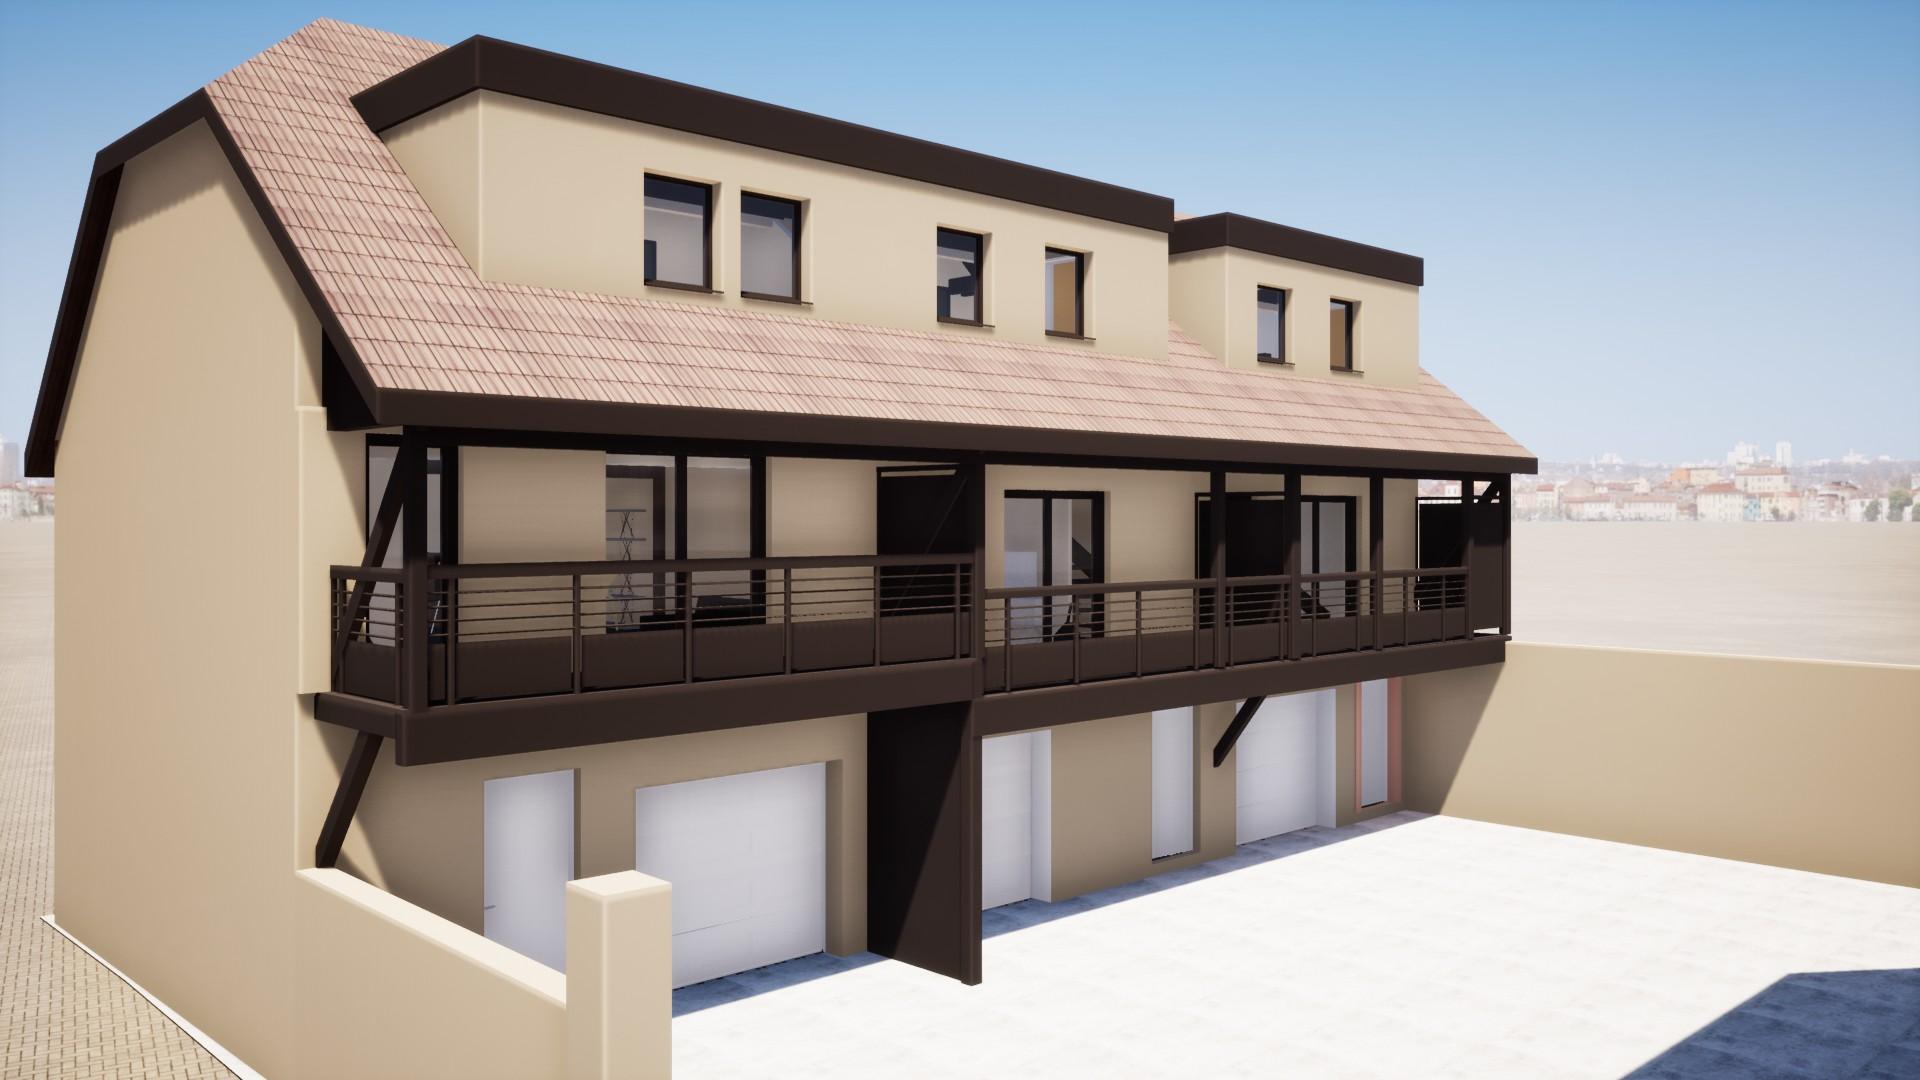 Rénovation d'une maison et d'une dépendance haut-rhin